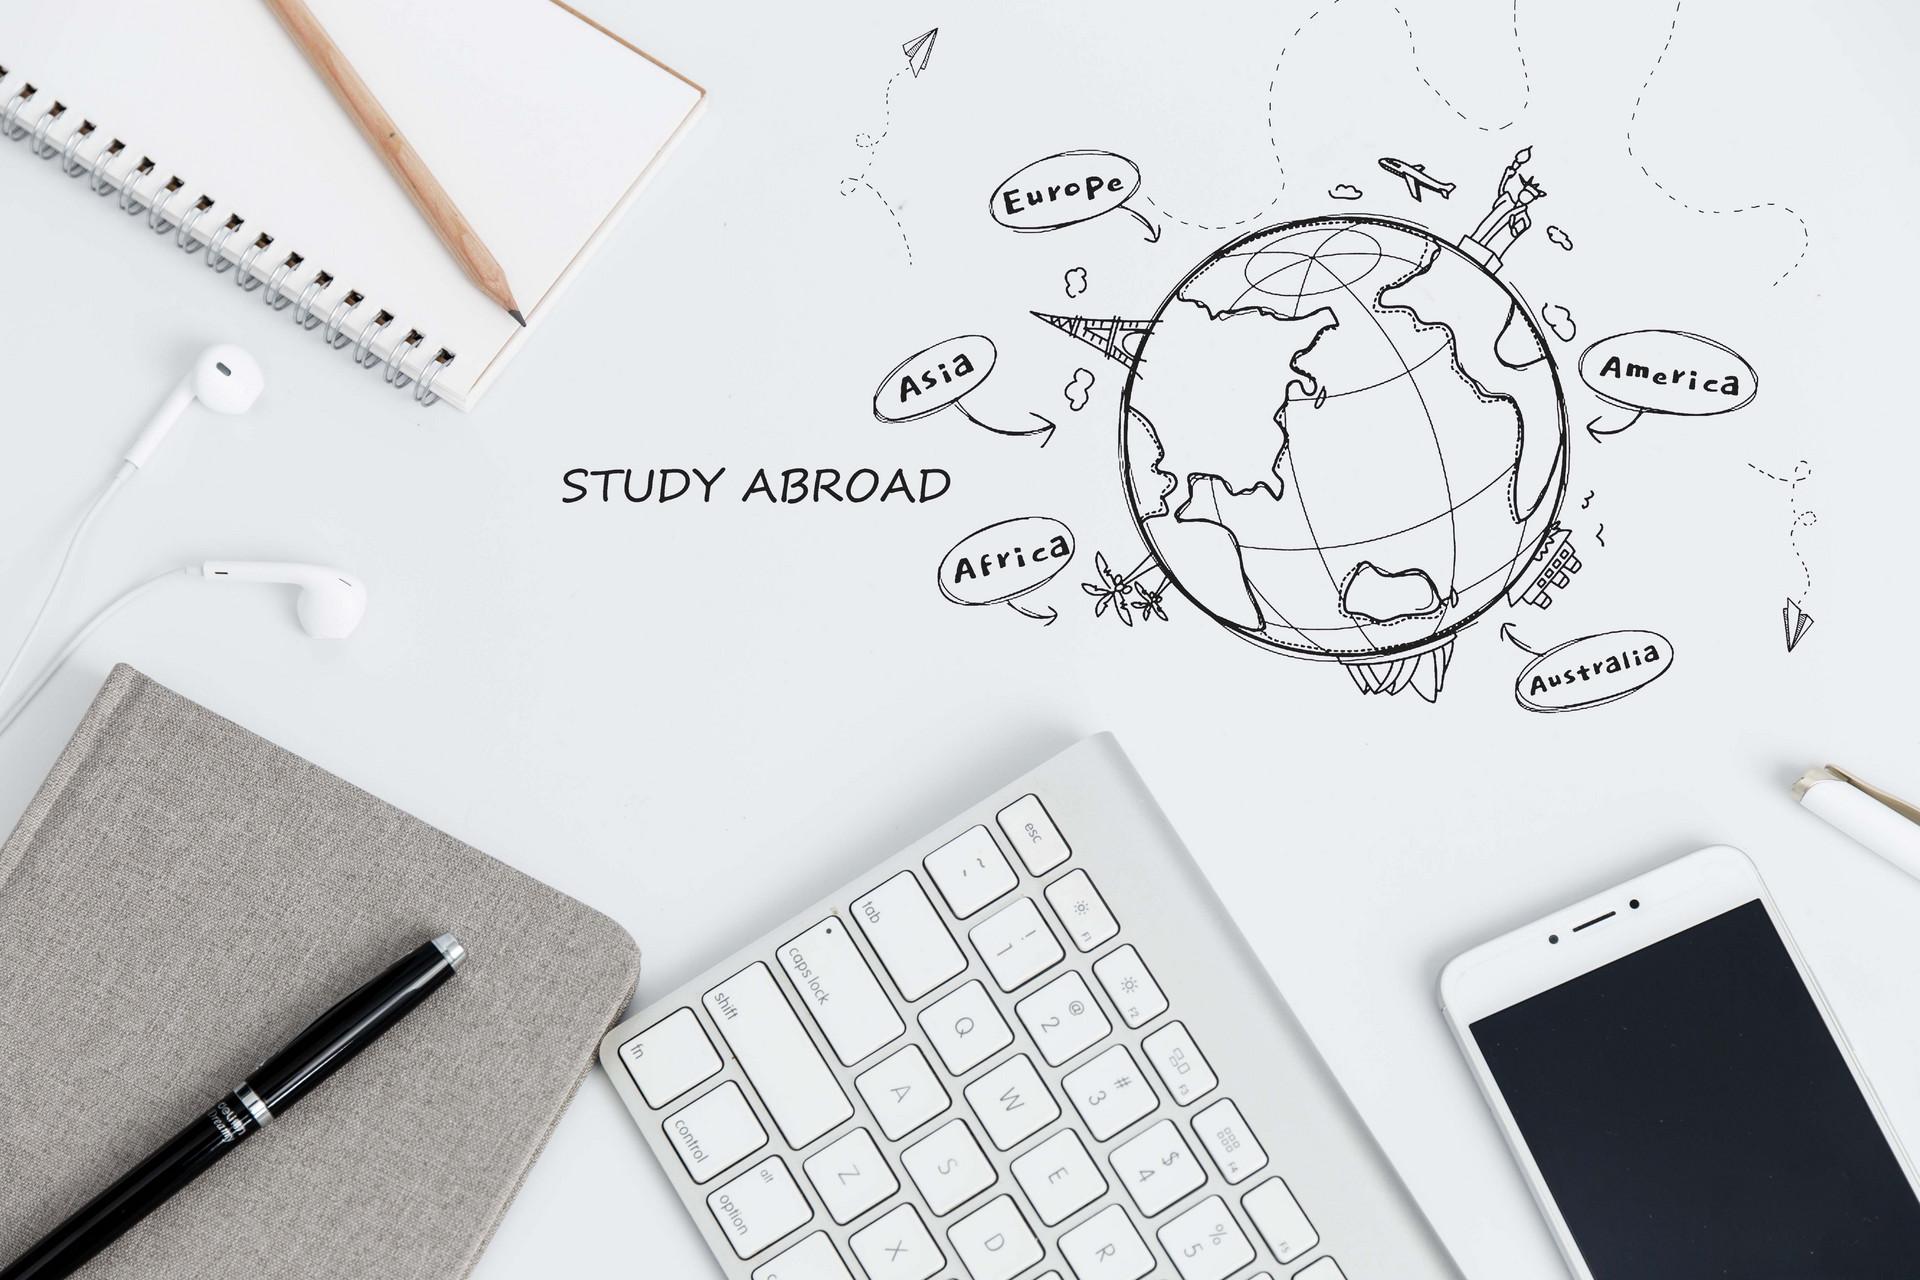 北京航空航天大学2+2出国留学费用需要多少钱?